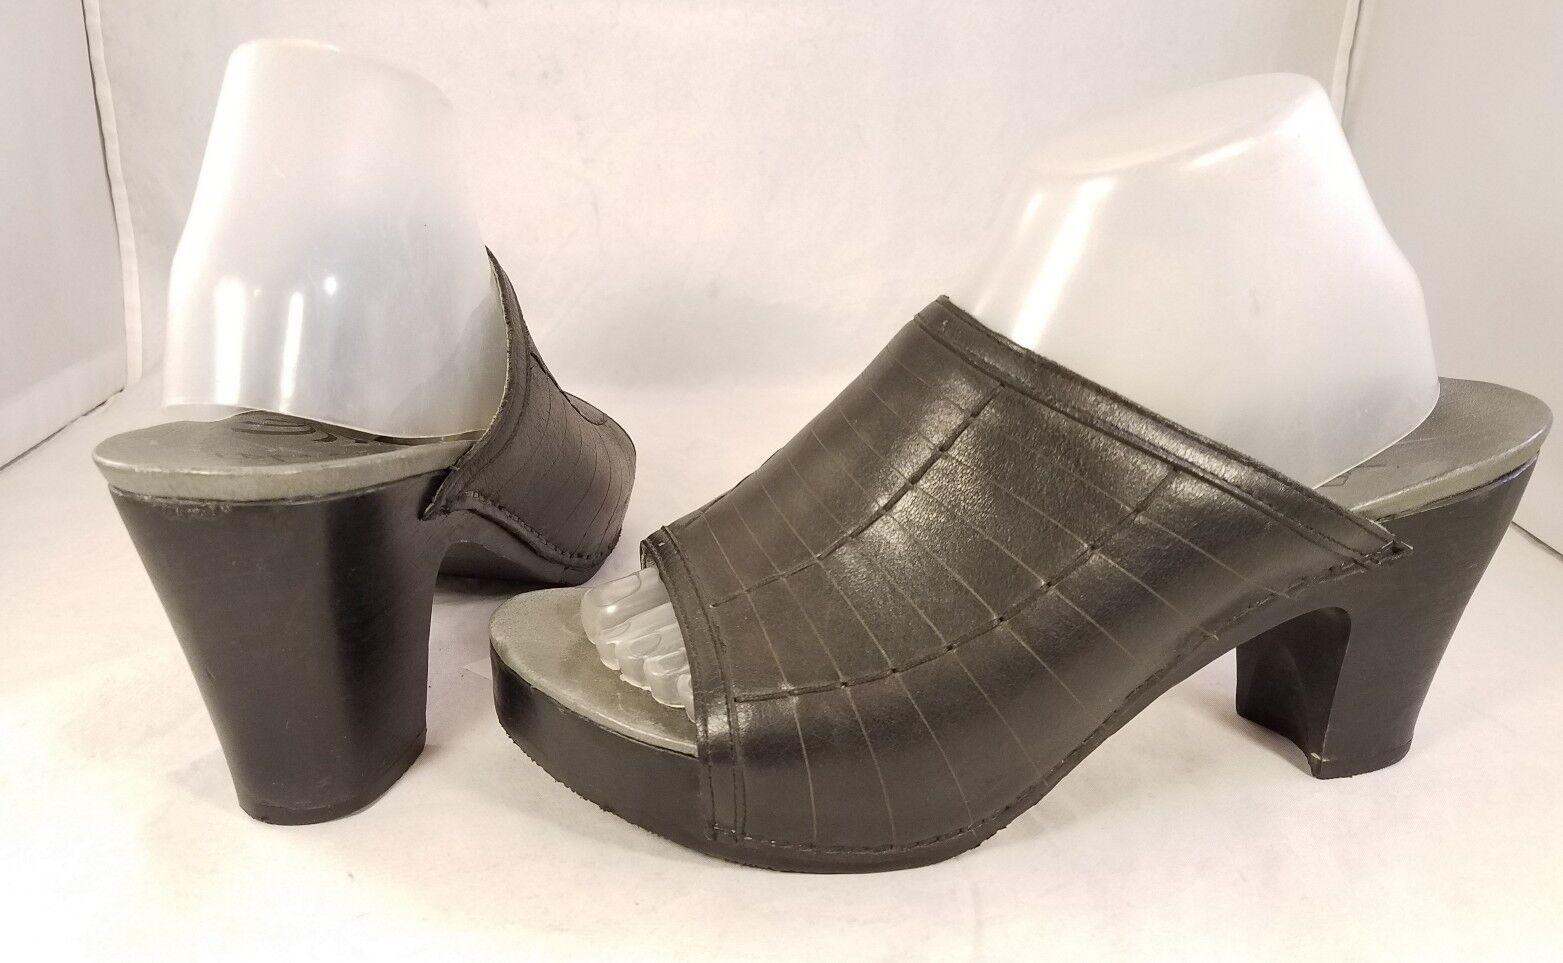 DANSKO WOMAN schuhe SANDALS SLIDES CLOGS MULE schwarz LEATHER Größe Größe Größe 41 10 29c238